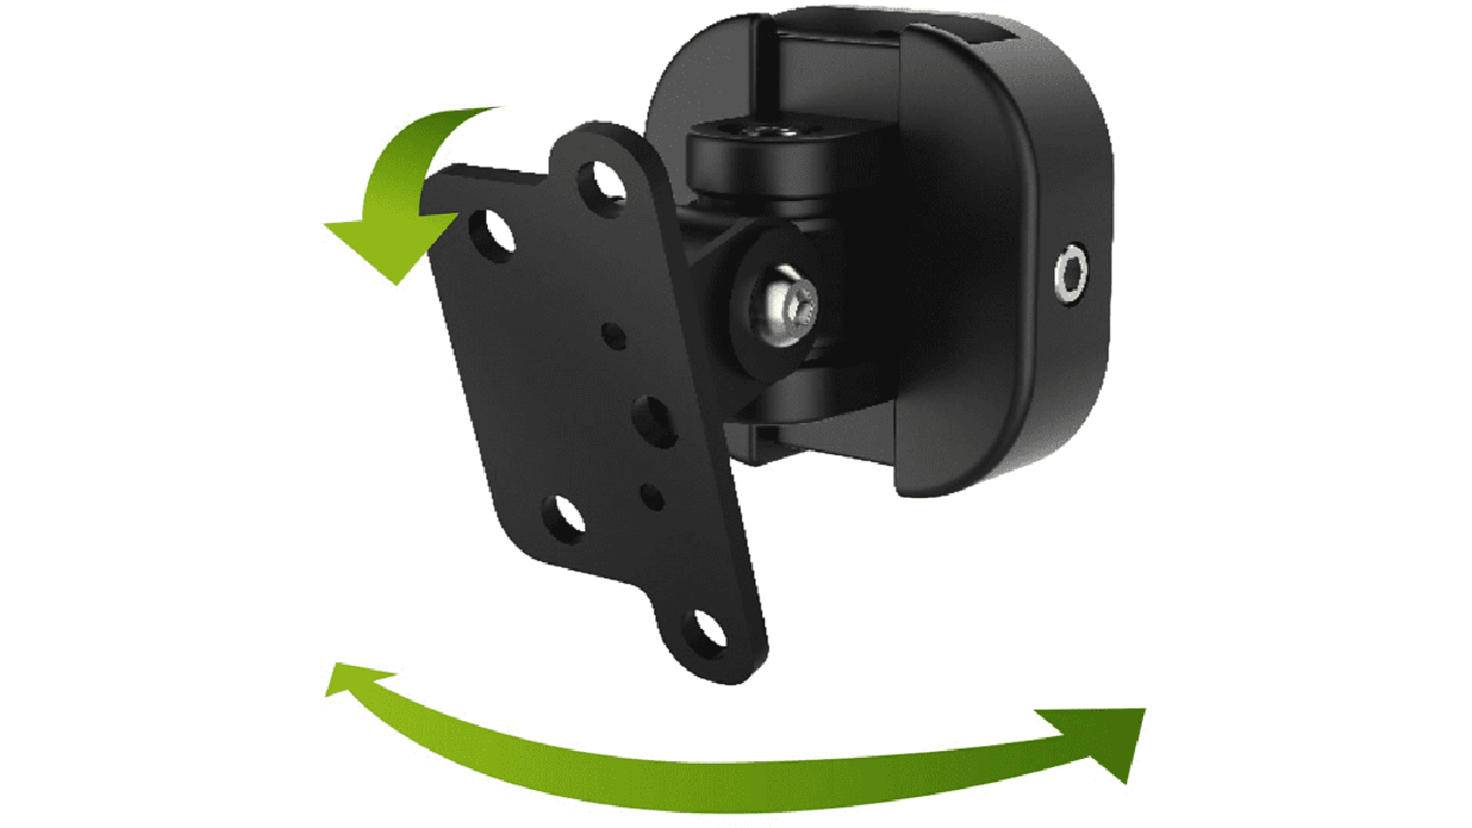 Hama Wireless-Lautsprecher-Wandhalterung